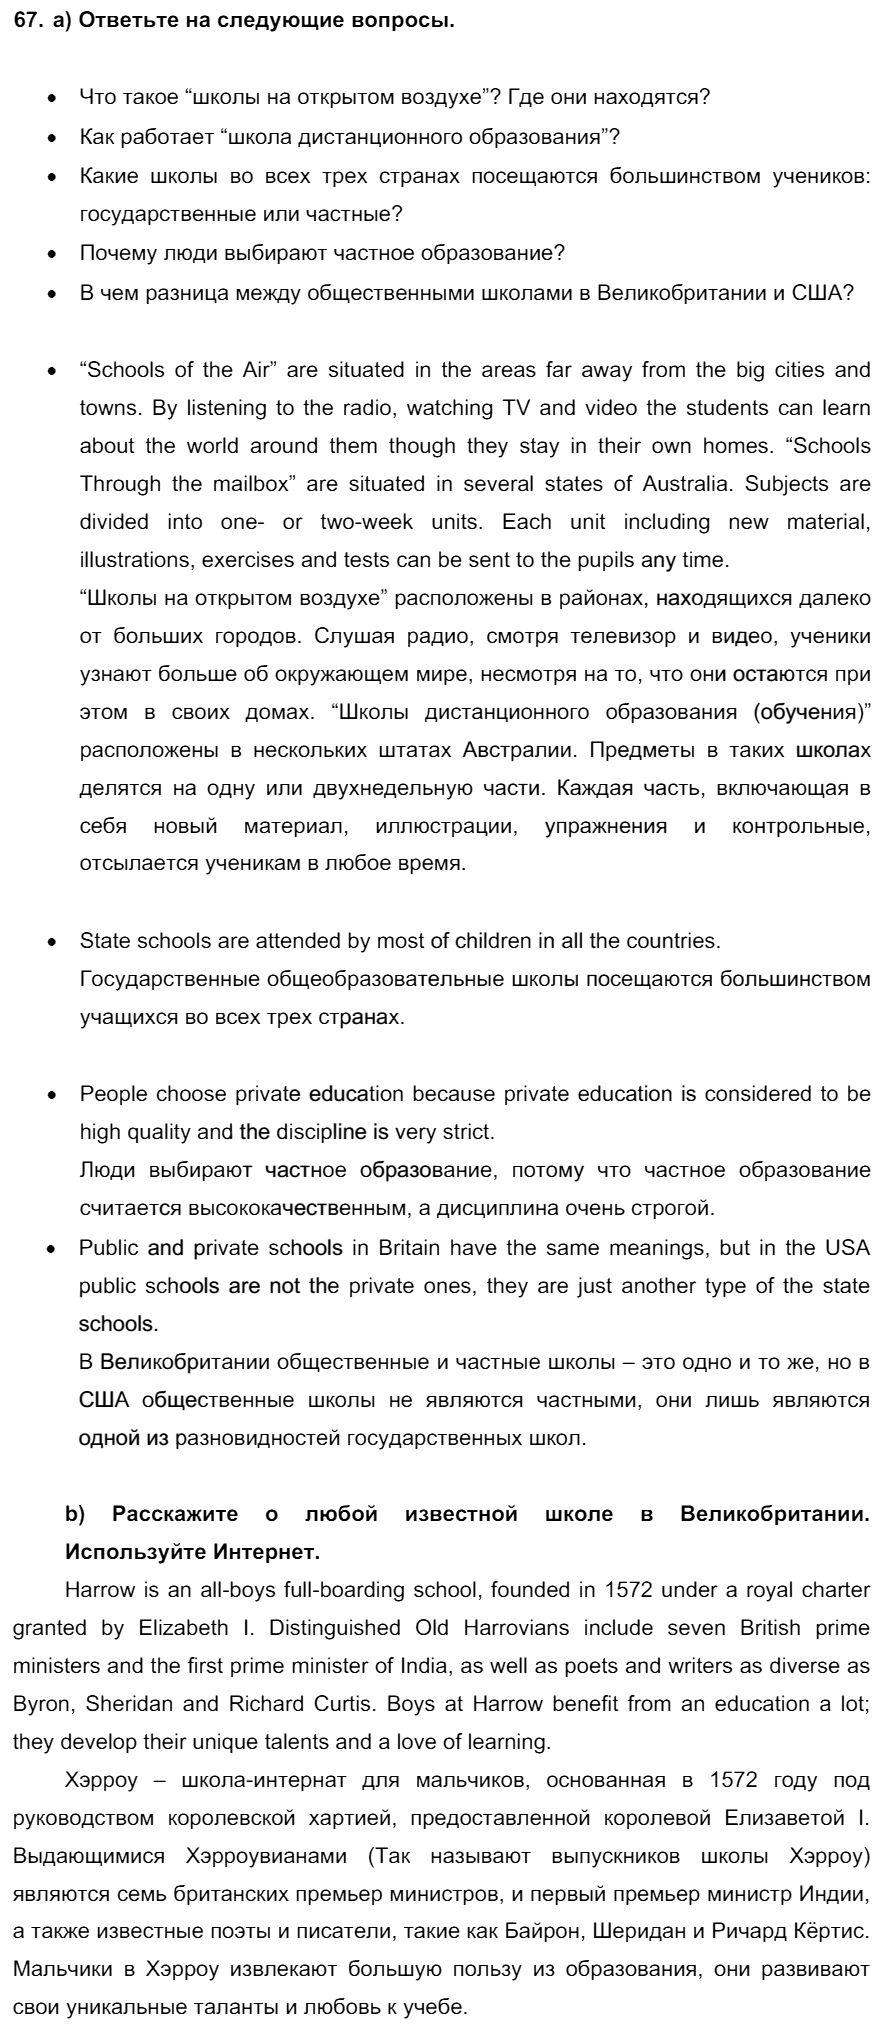 Английский язык 7 класс Биболетова М. З. Unit 3. Взгляните на проблемы подростков: школьное образование / Разделы 1-9: 67